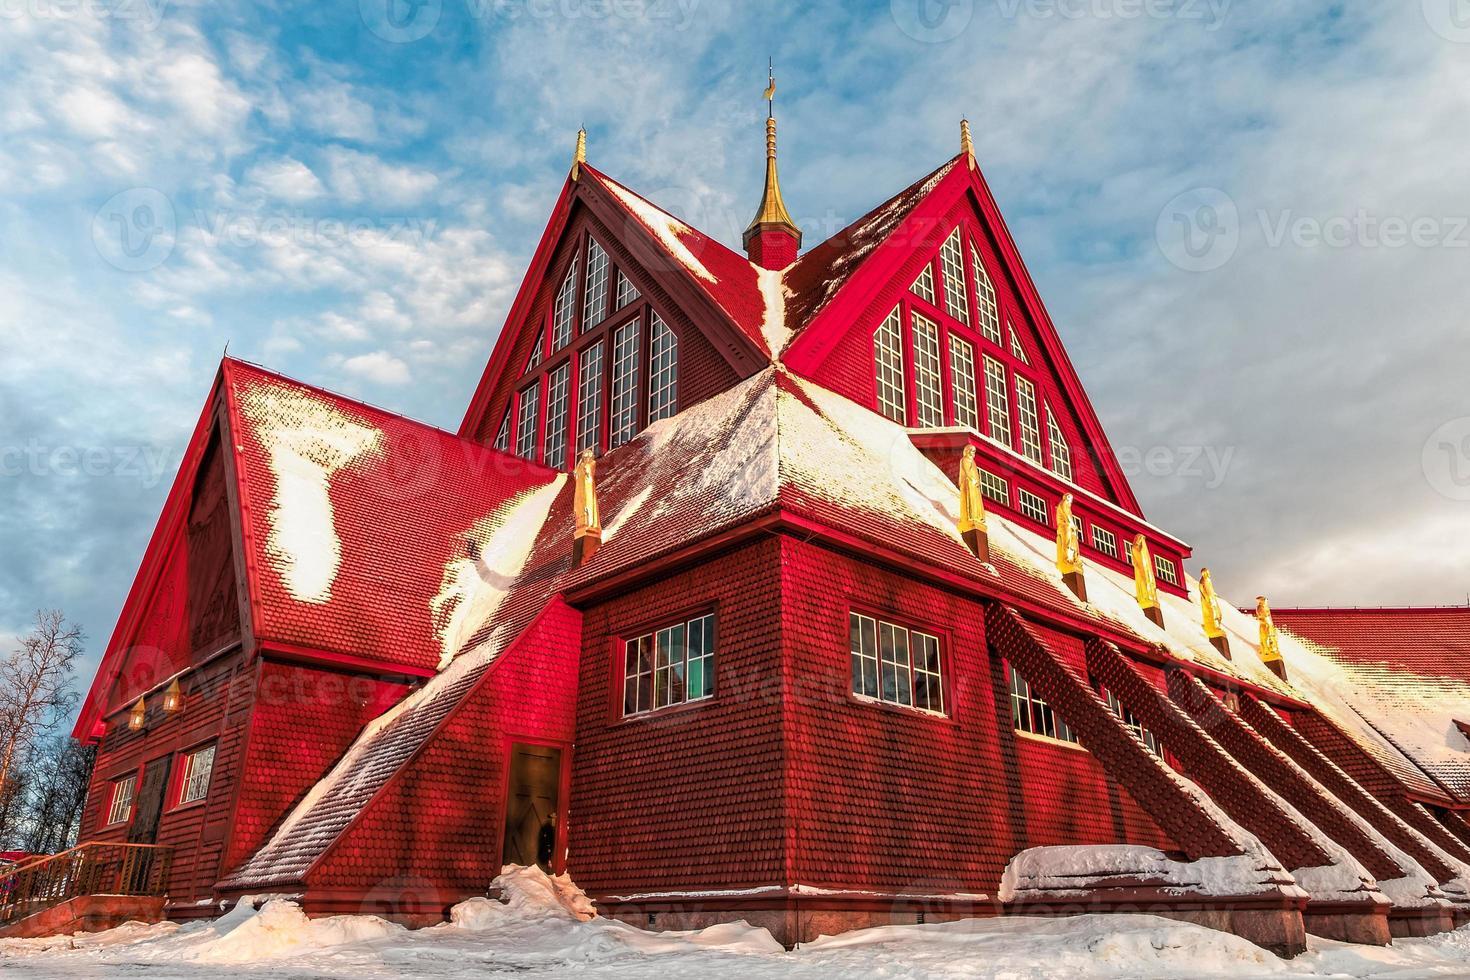 kiruna kyrka i sverige under arktisk vinter foto